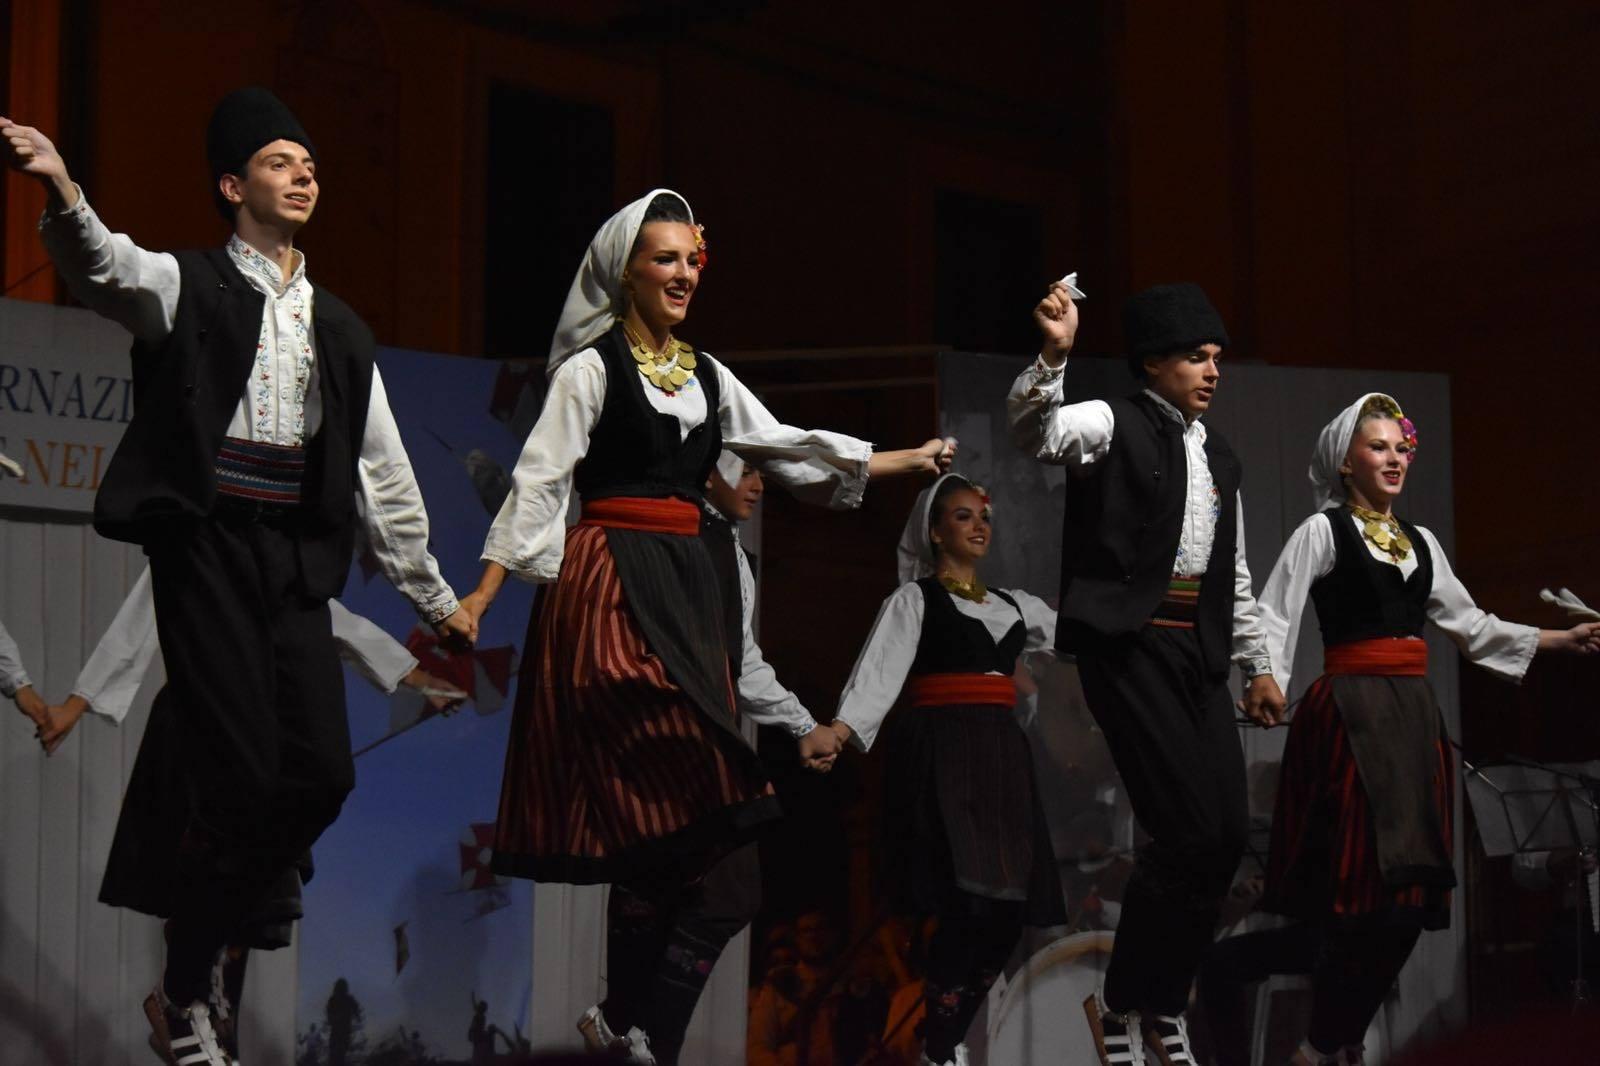 festival-del-folklore-3